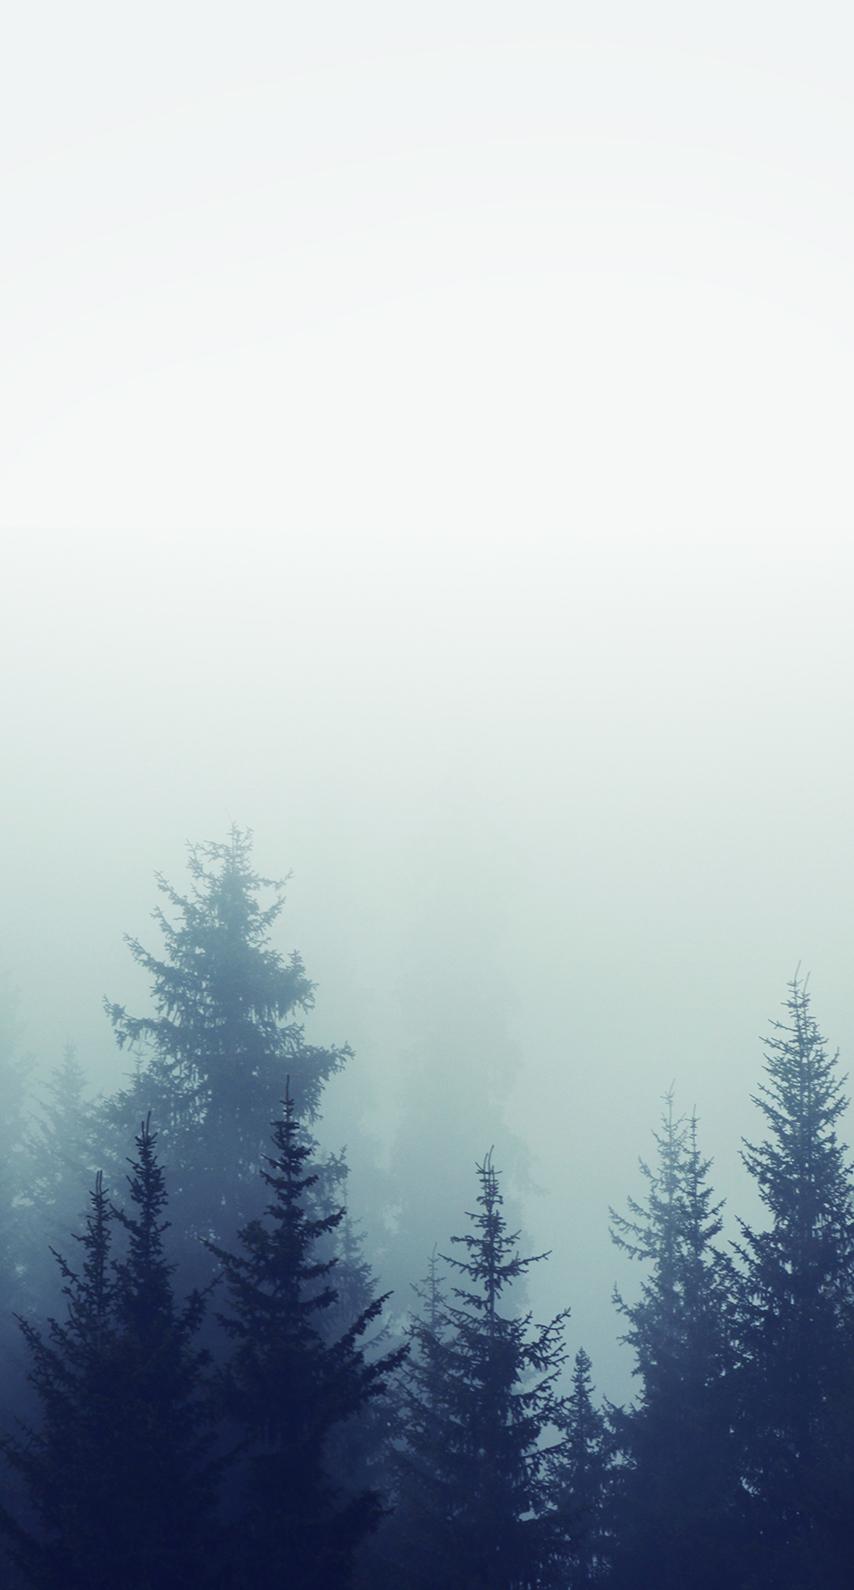 tree, mountain